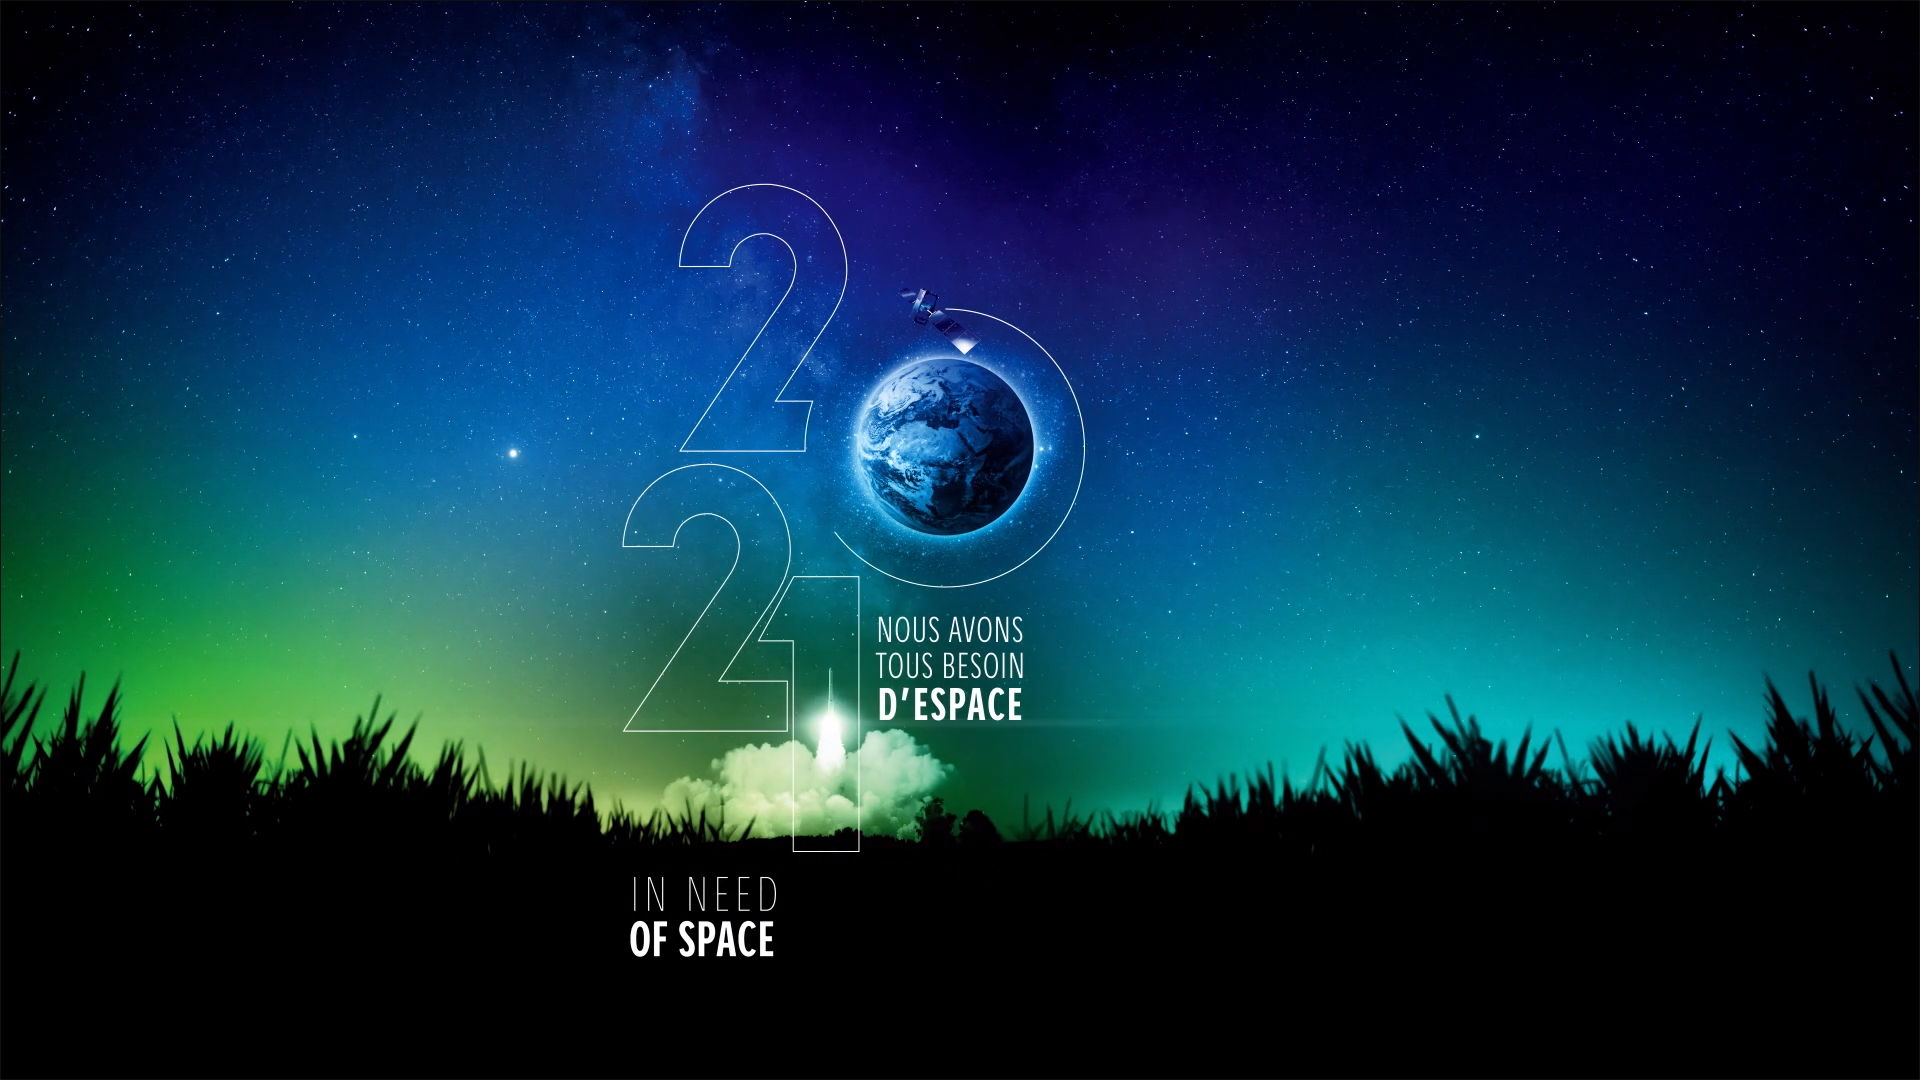 Le CNES en 2021 : une ambition au service des citoyens, qui rappelle que : « Nous avons tous besoin d'Espace »